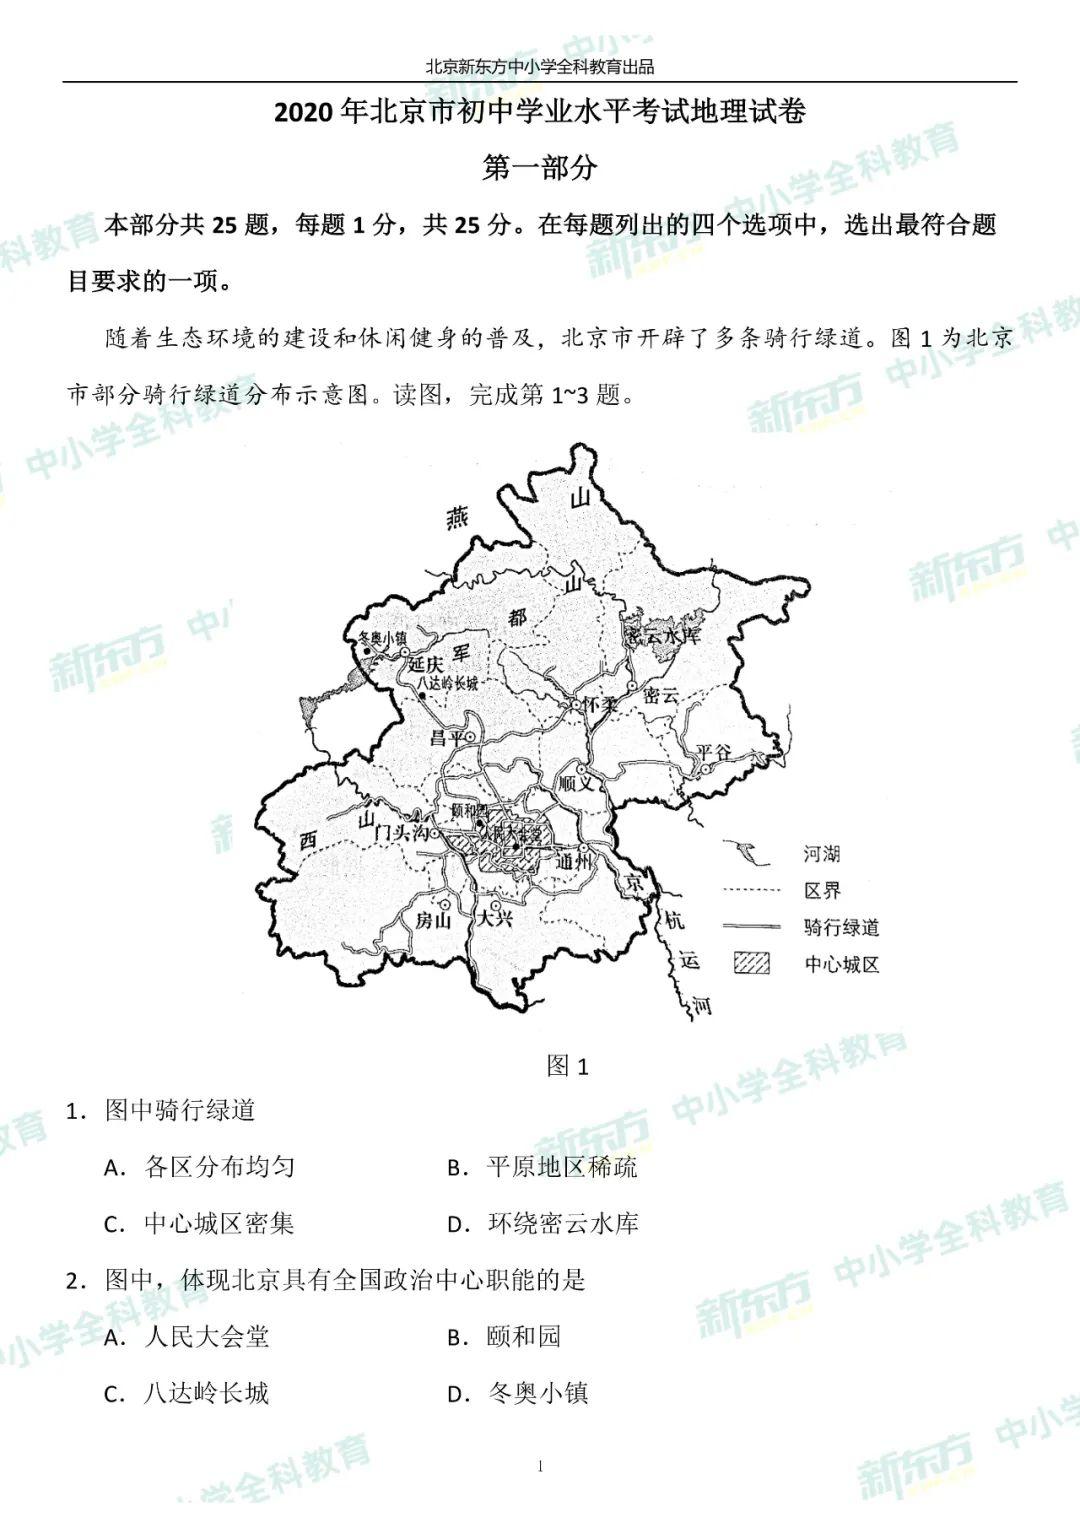 2020年北京市初中学业水平考试地理试题及答案